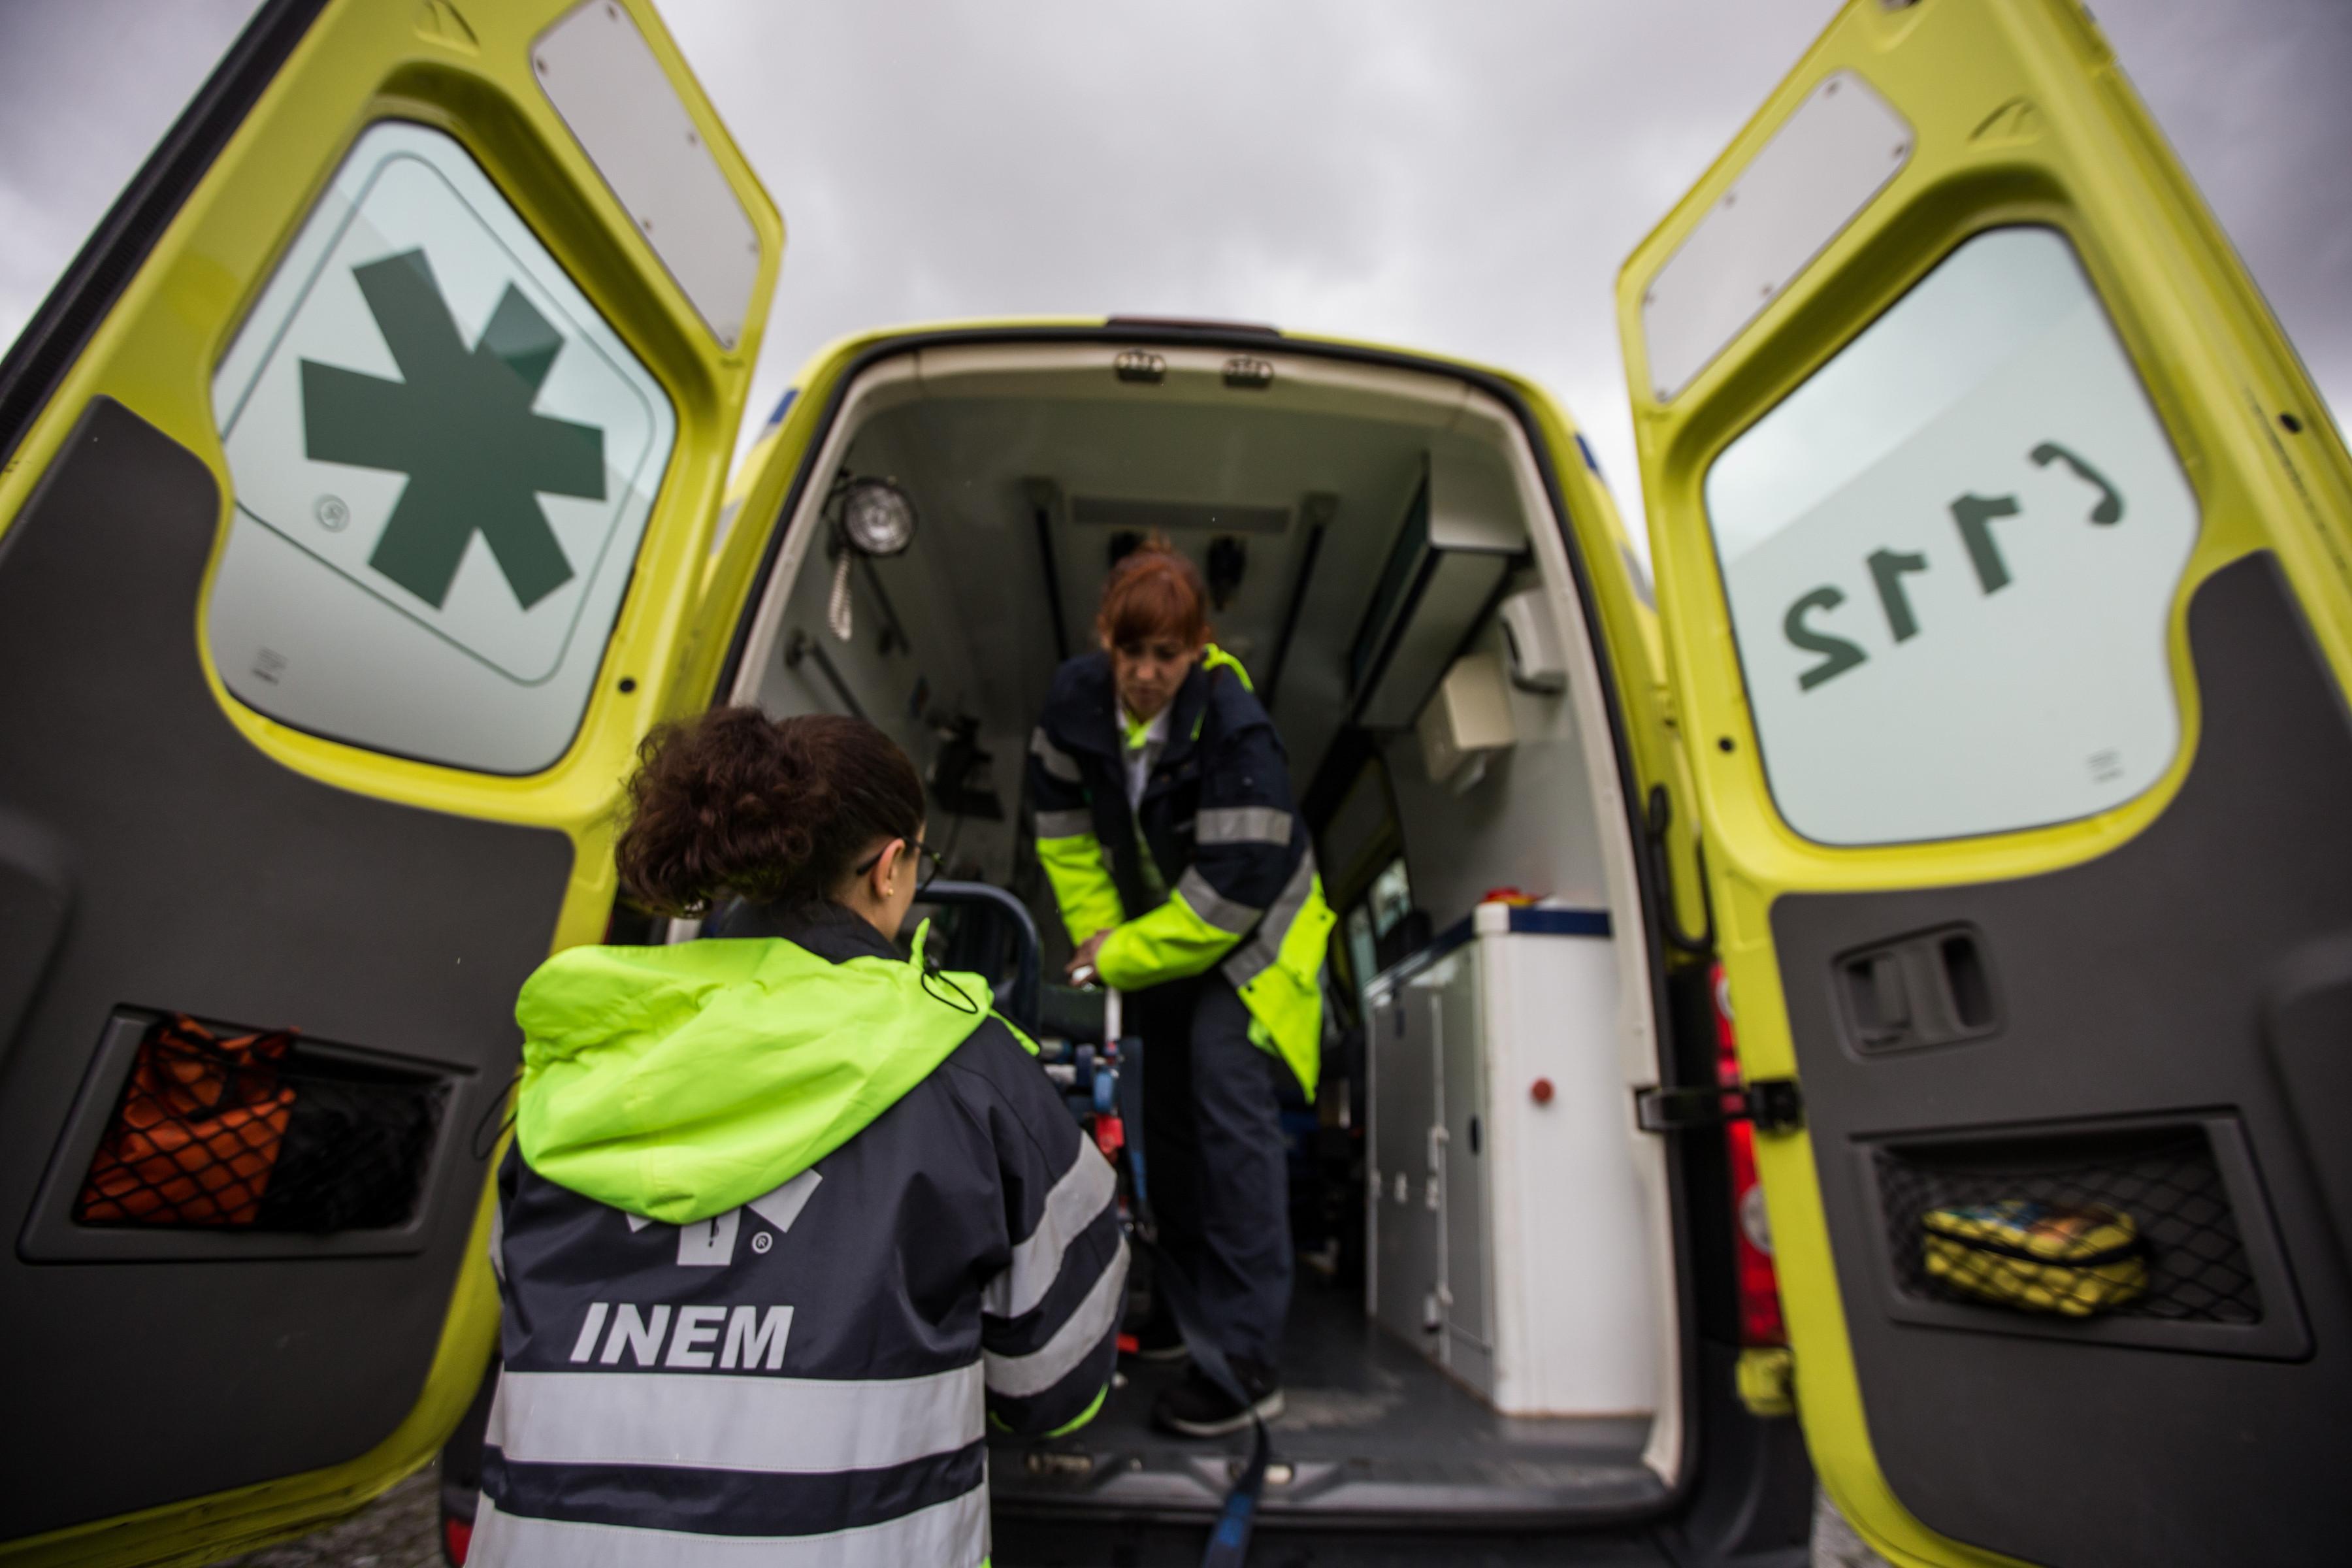 Acidente entre elétrico e autocarro francês em Lisboa faz cinco feridos